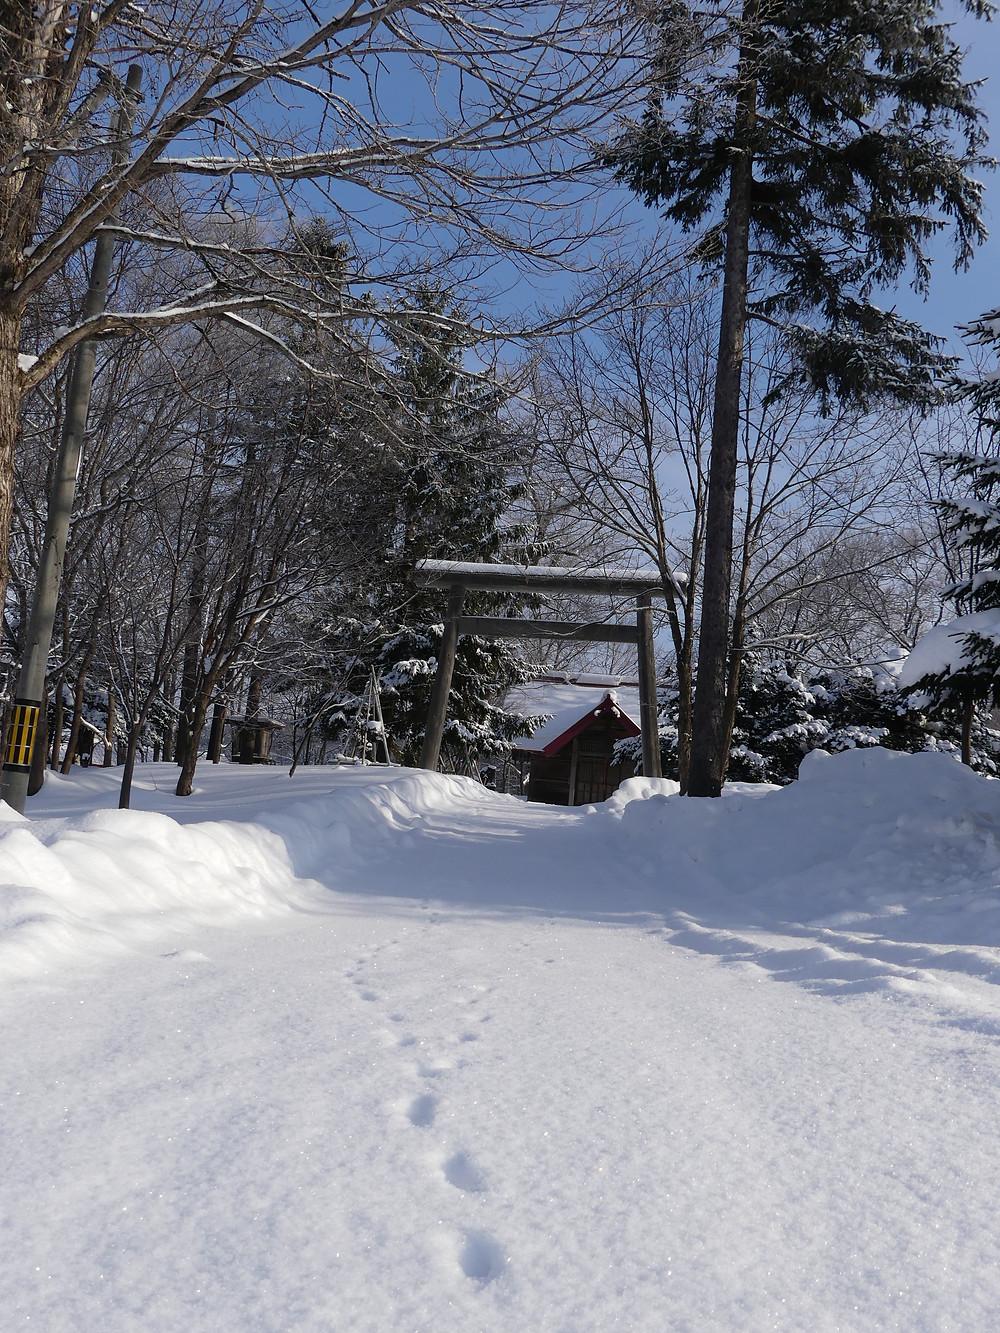 キツネ?の足跡と佐久神社